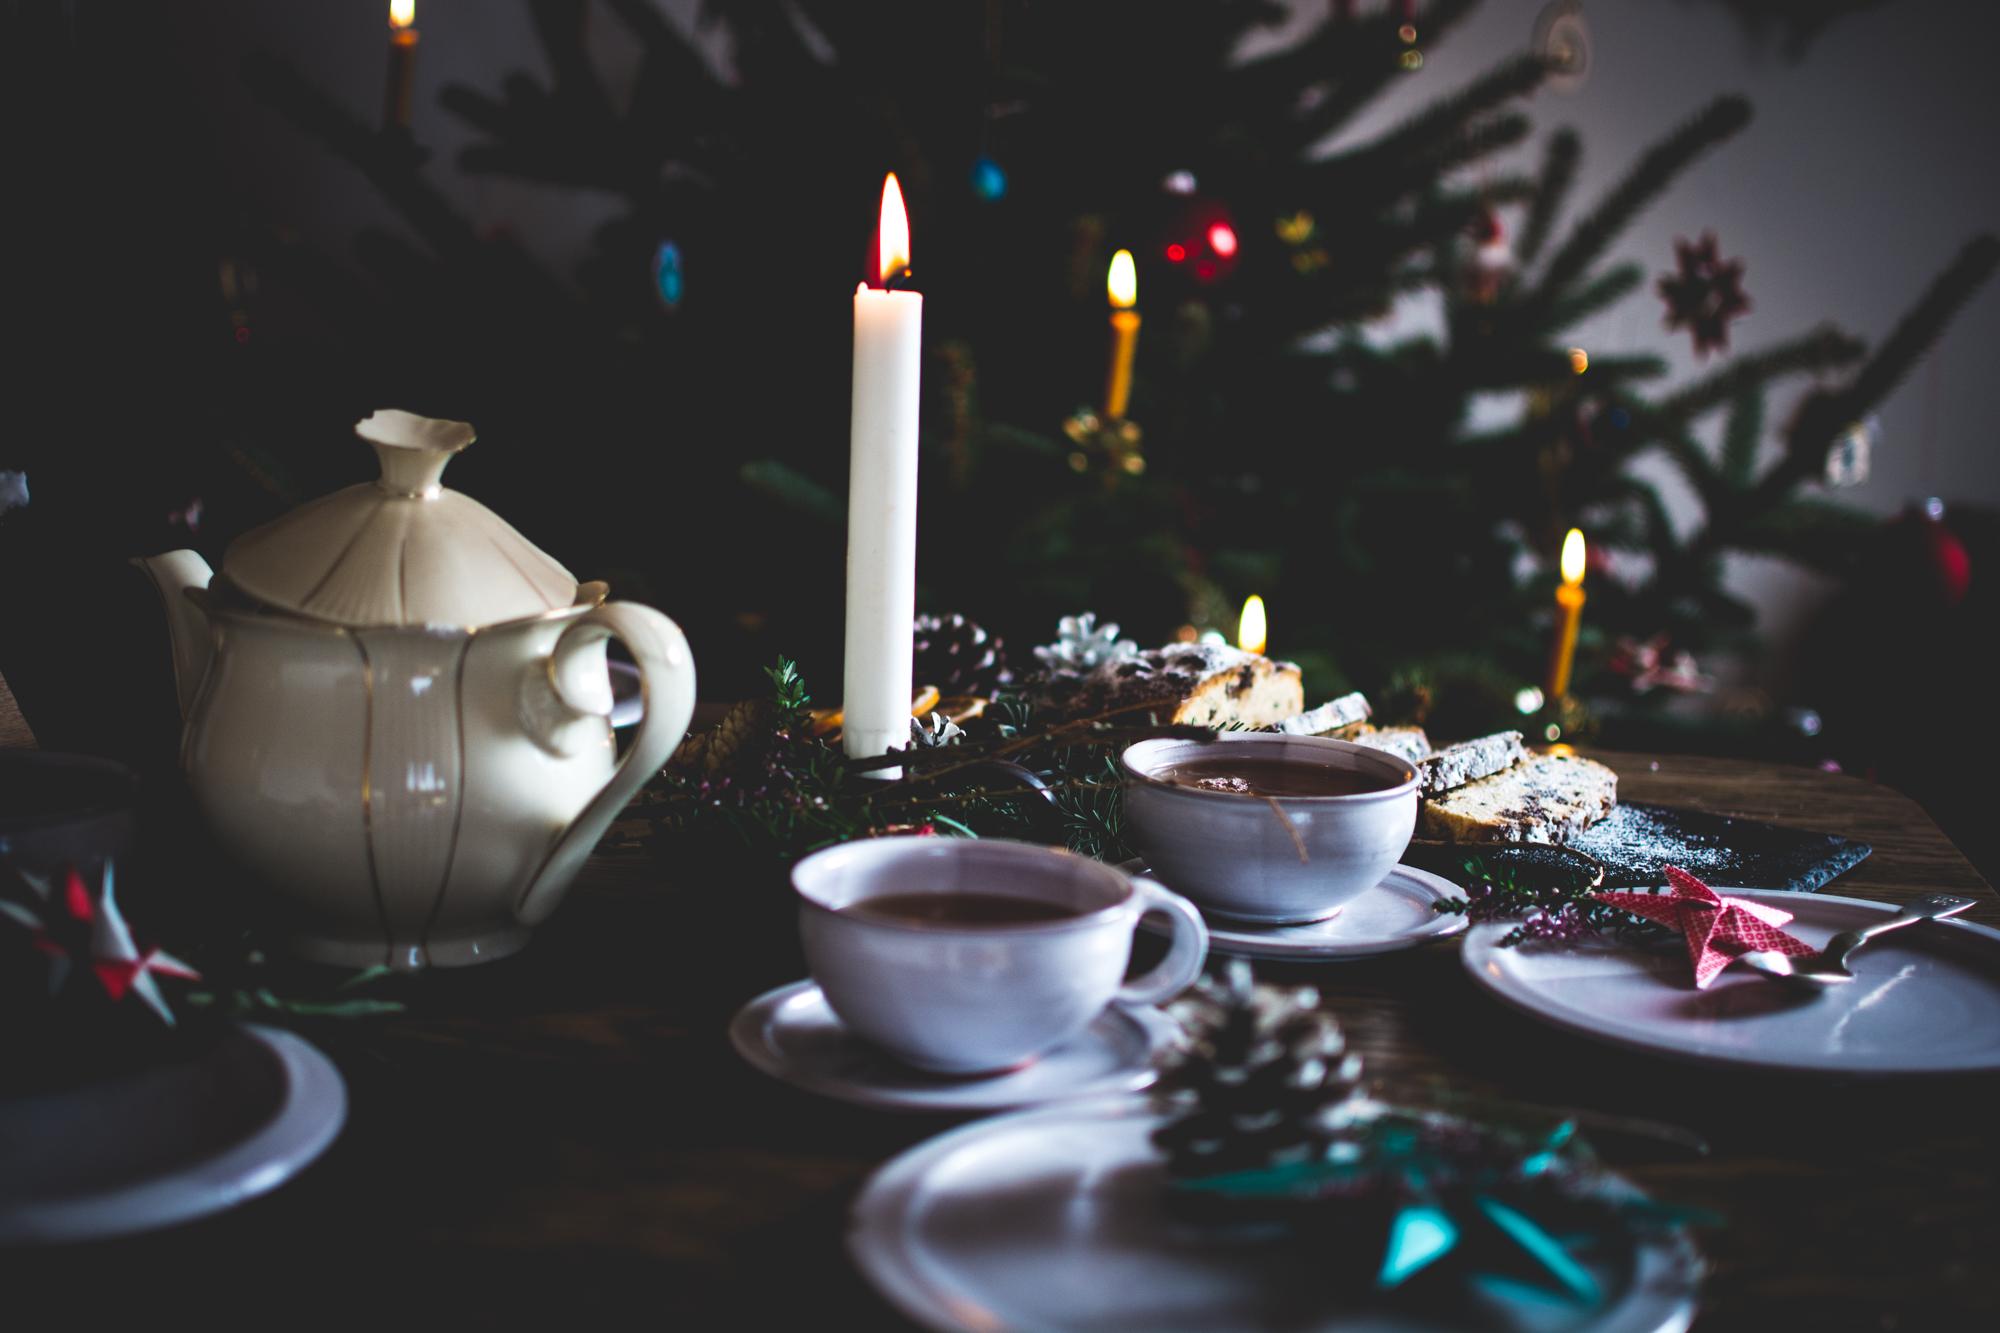 Tannenbaum Mit Kerzen.Stollen Kerzen Und Tannenbaum Victoria Belikova Fotografie